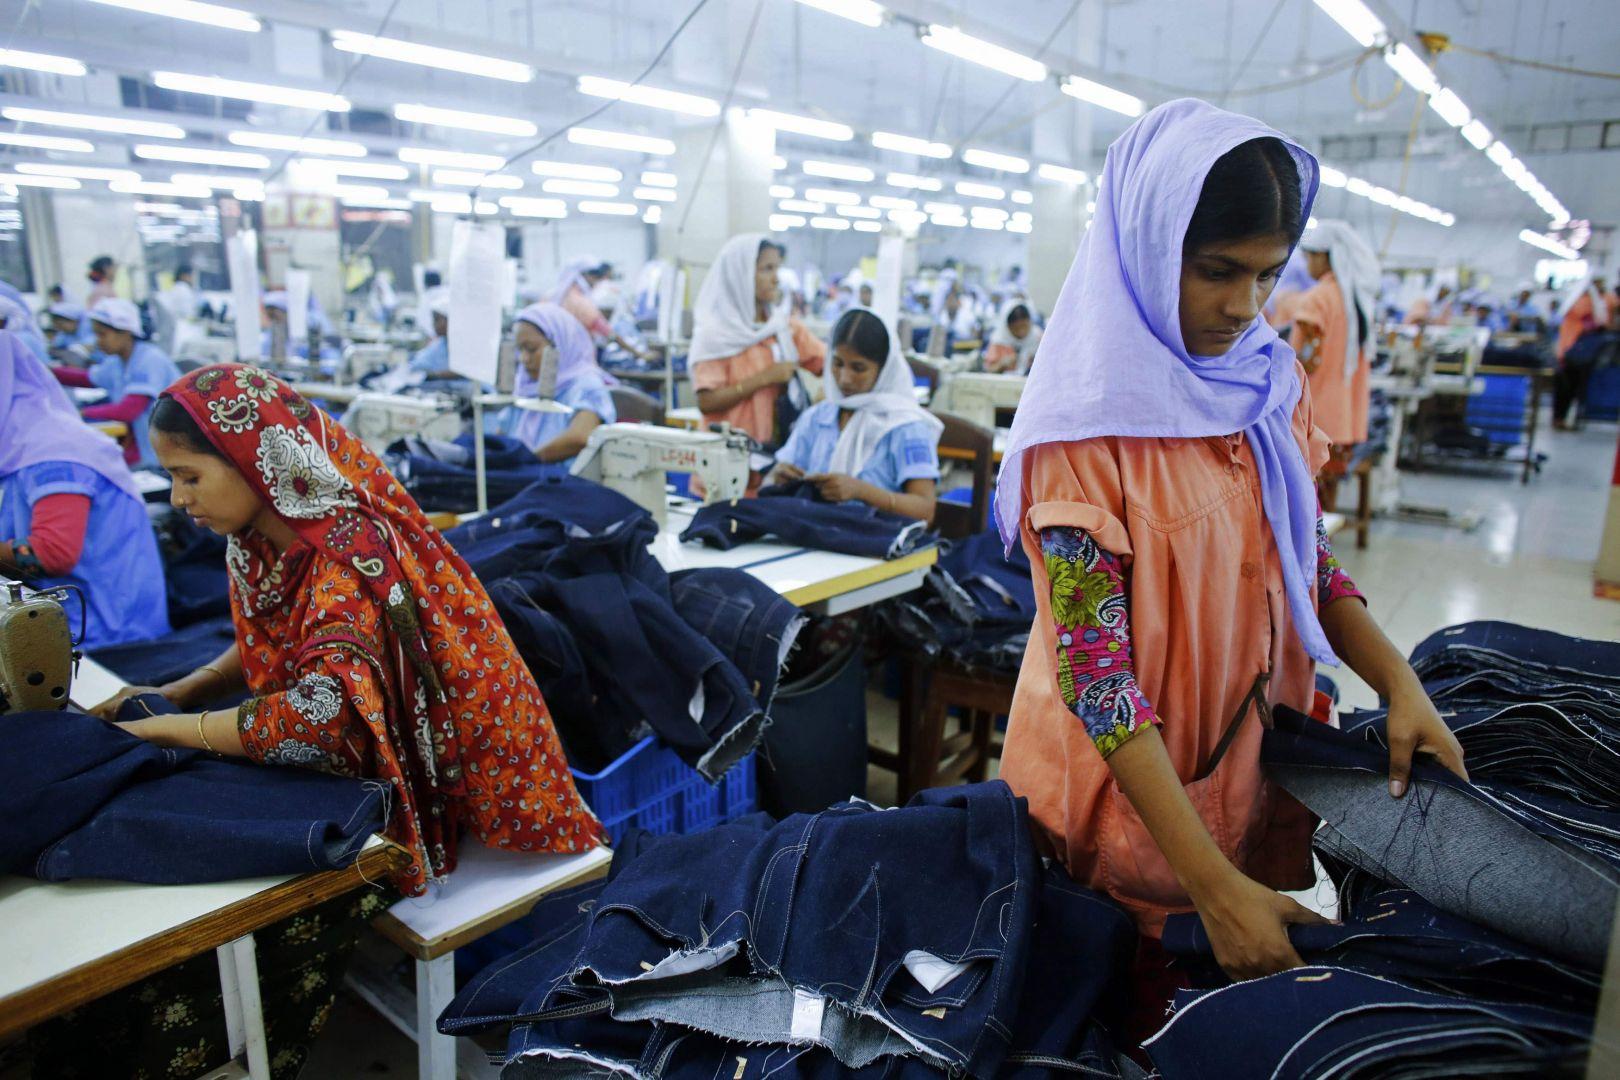 El Fast Fashion y la cadena de suministros: una cuestión de ética